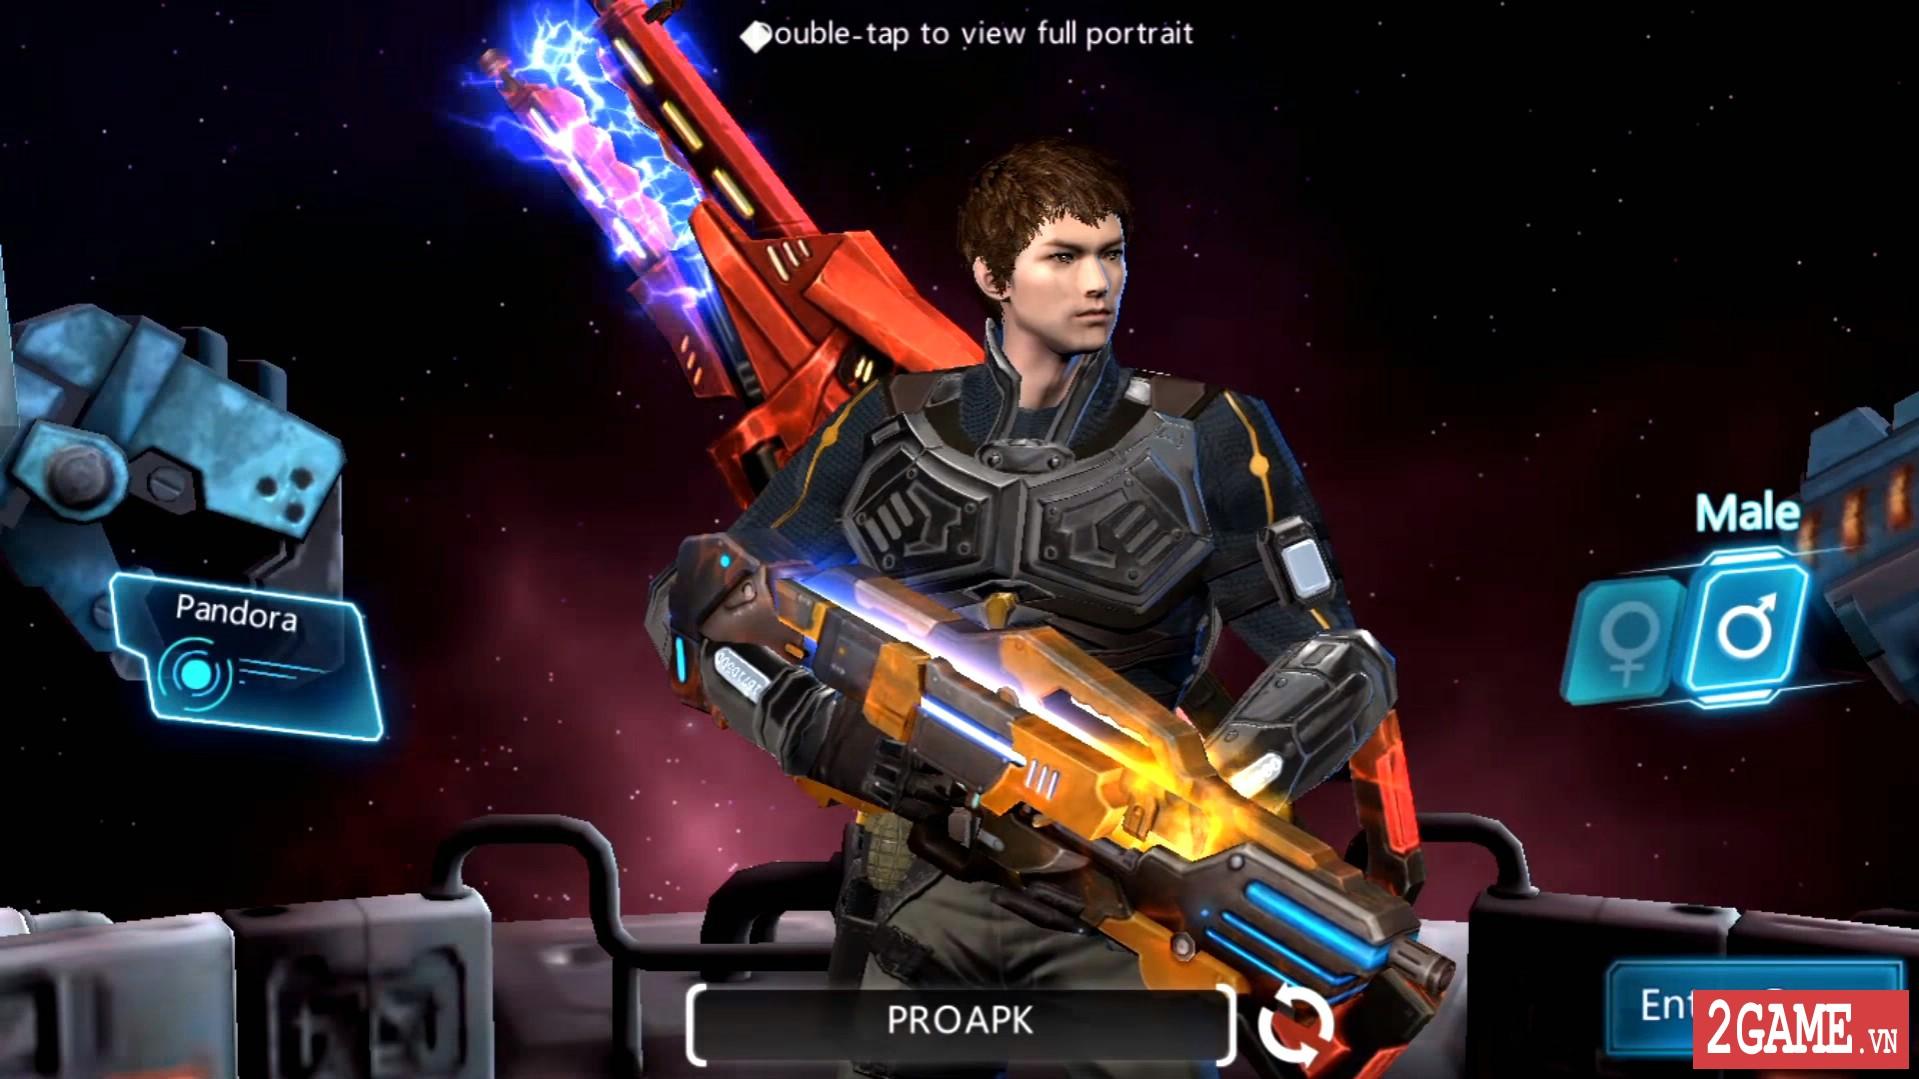 Future Strike - Game bắn súng nhập vai đi cảnh khá hay ho 2